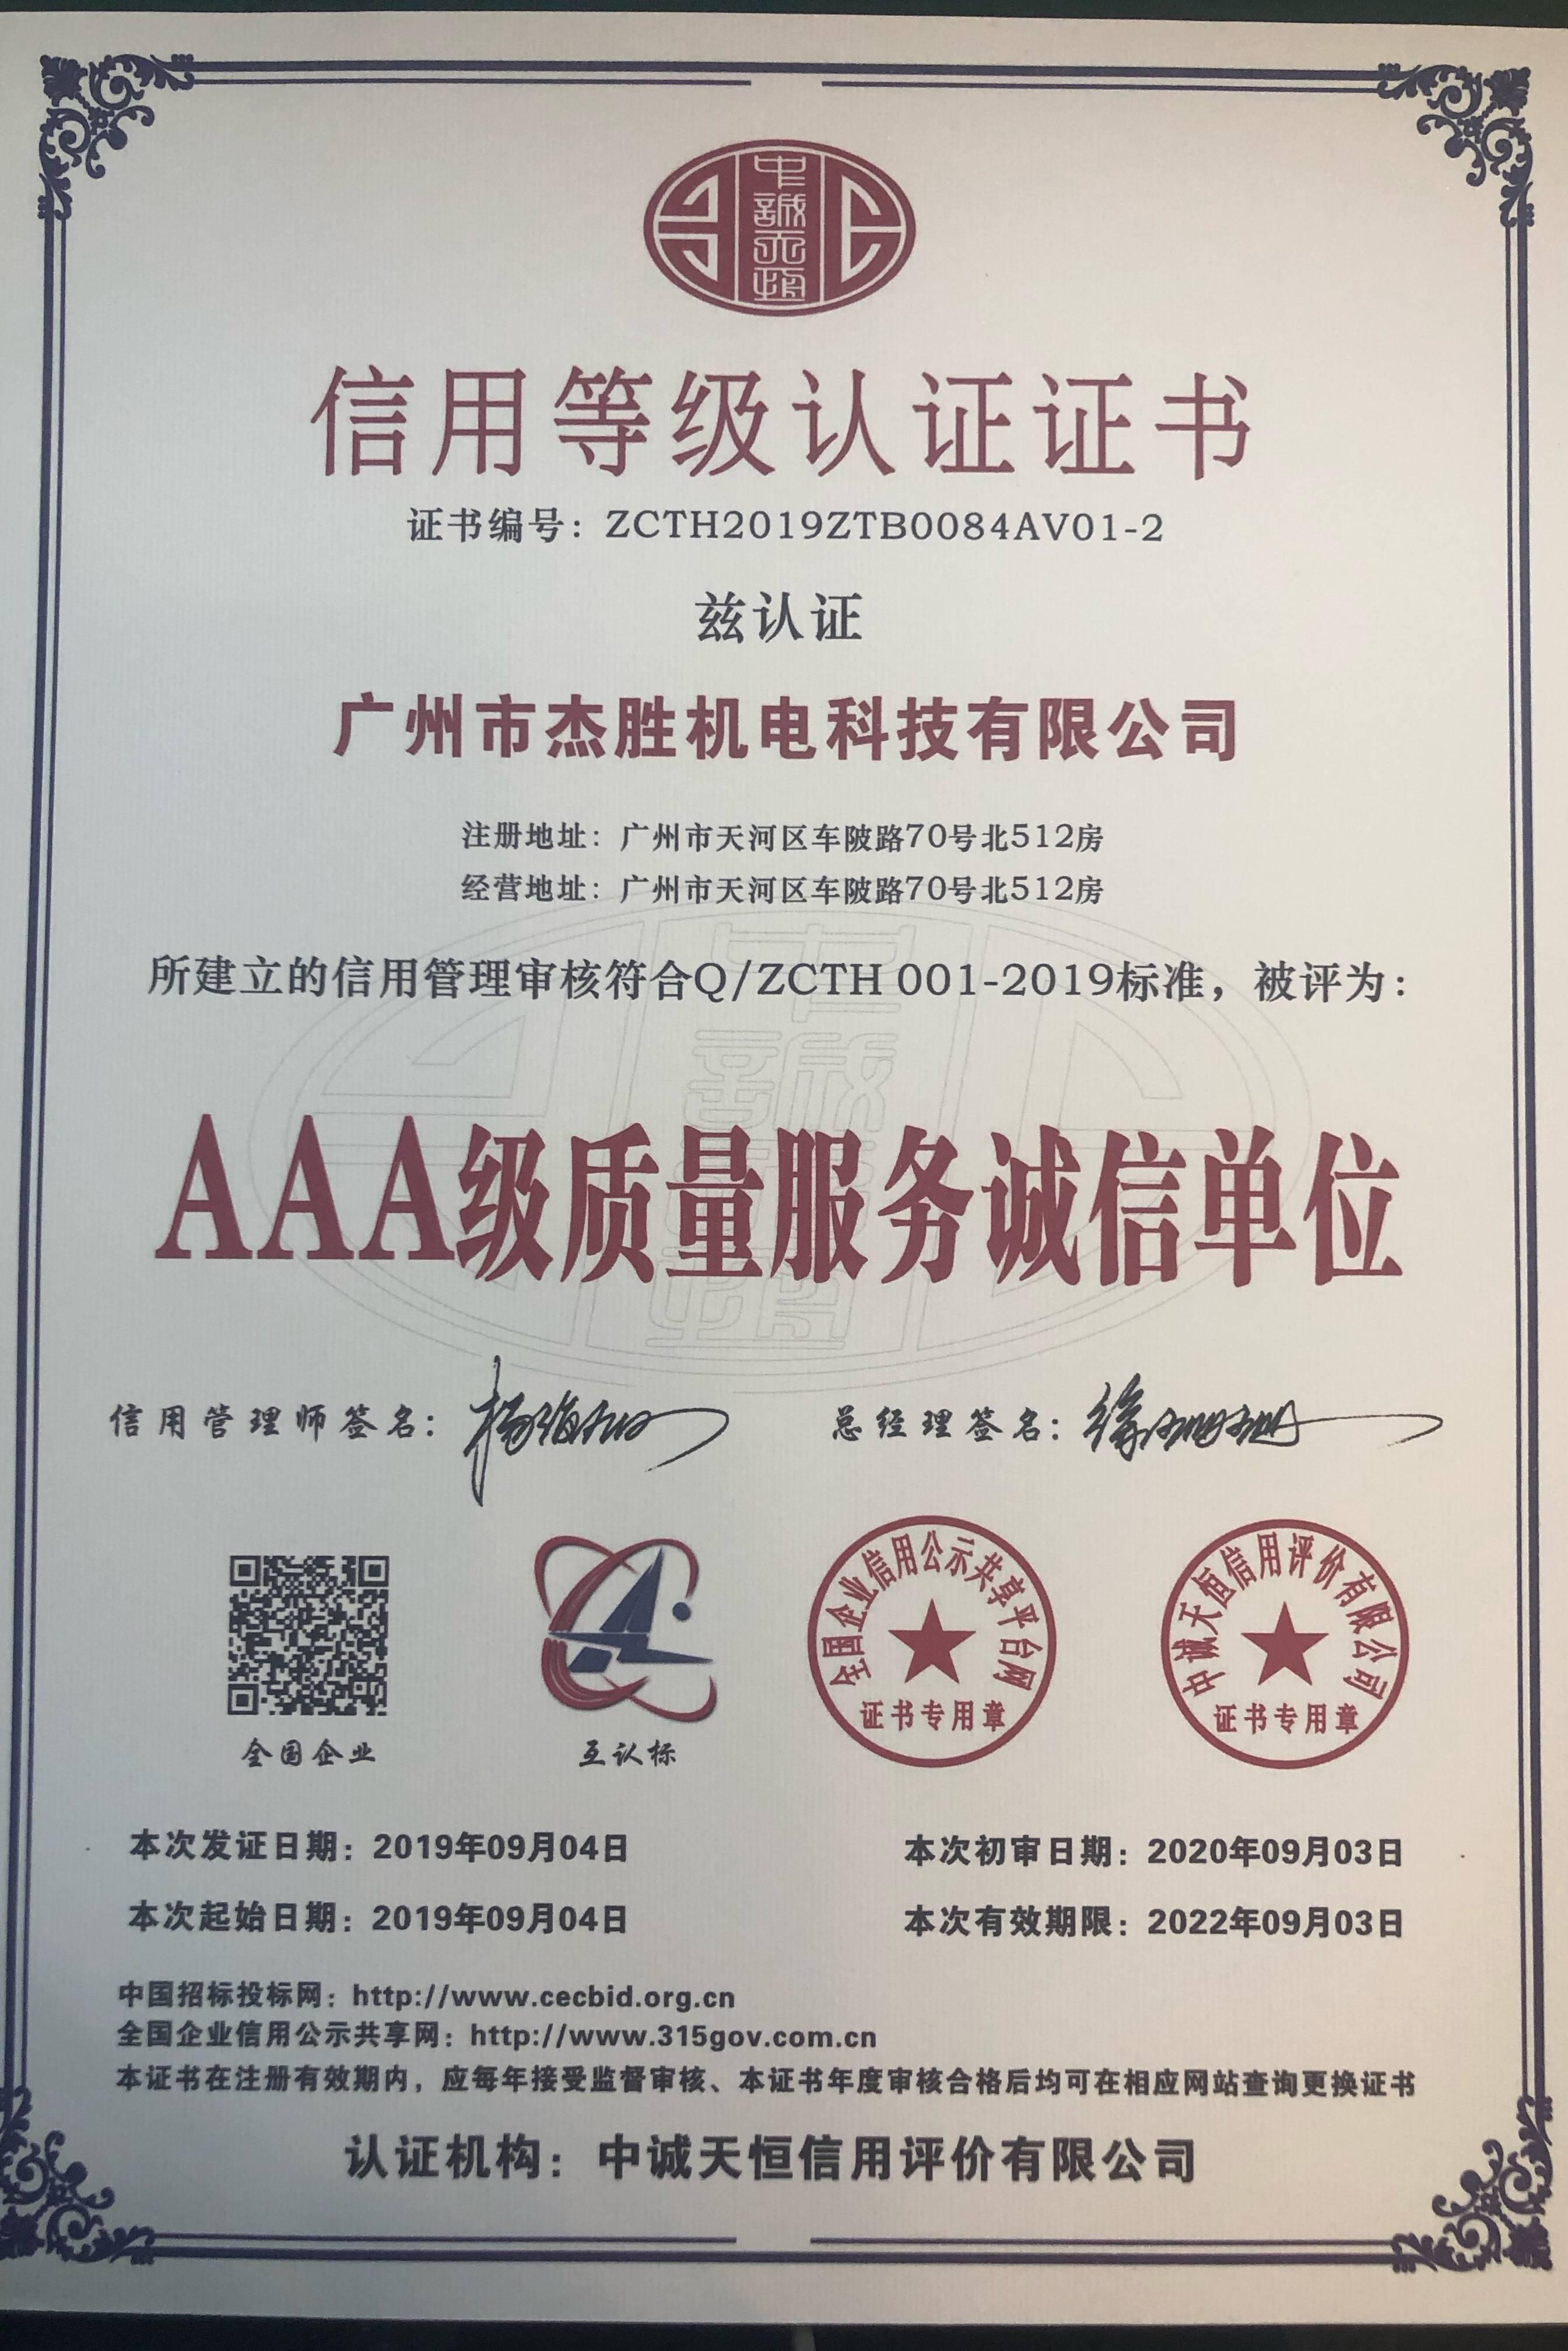 杰胜荣获AAA级质量服务诚信单位